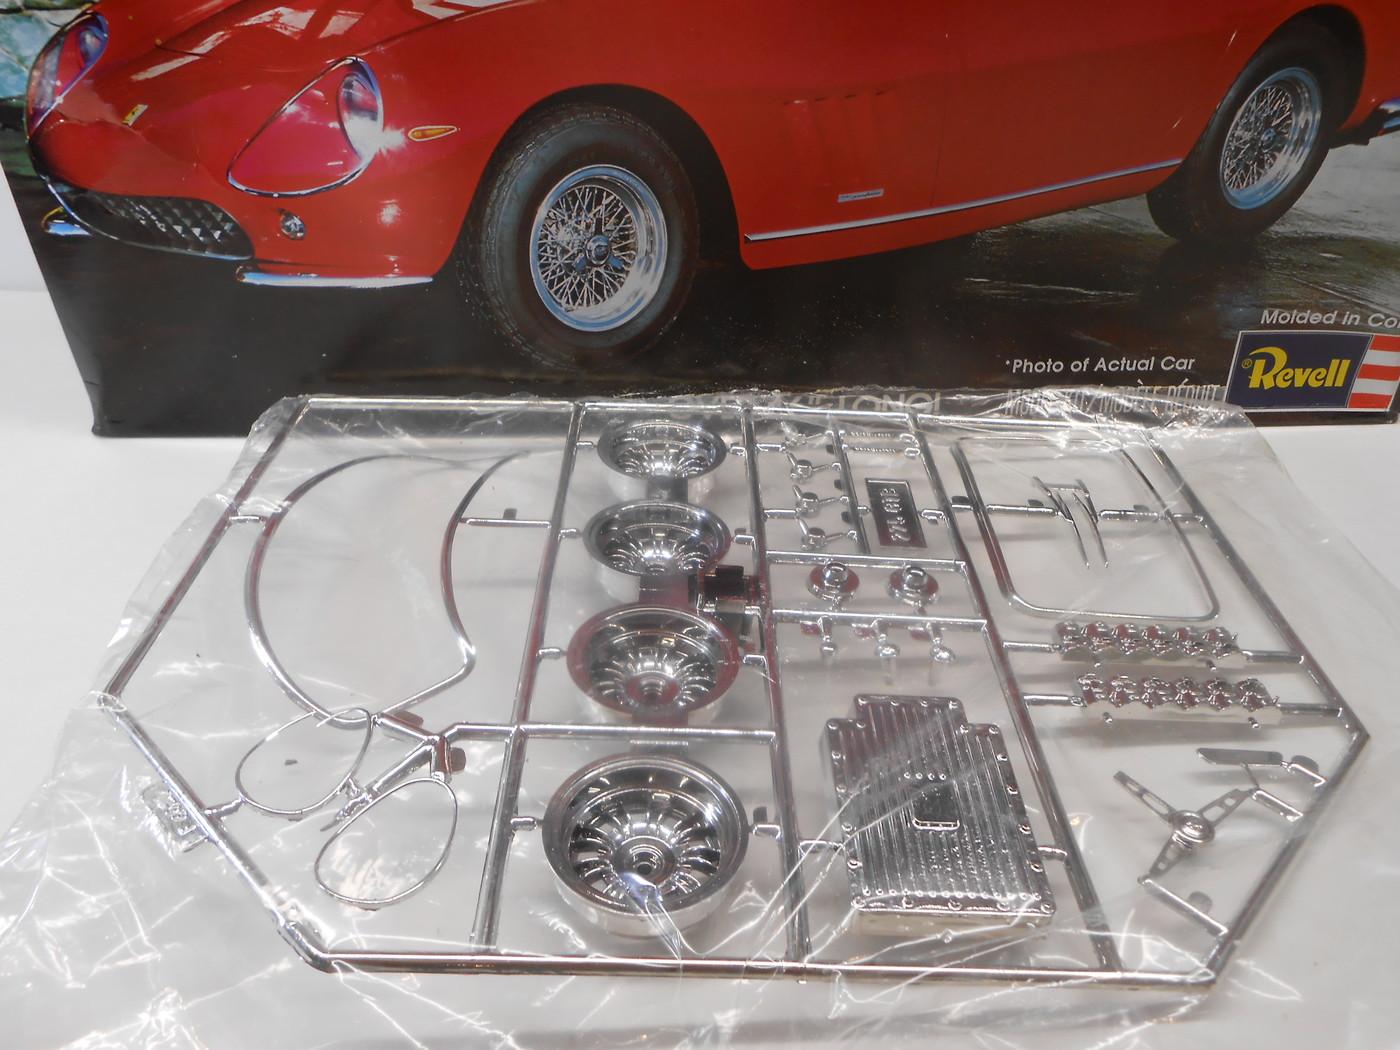 1965 Ferrari GTB 1/12 2v2HoJNiqxaTfRW